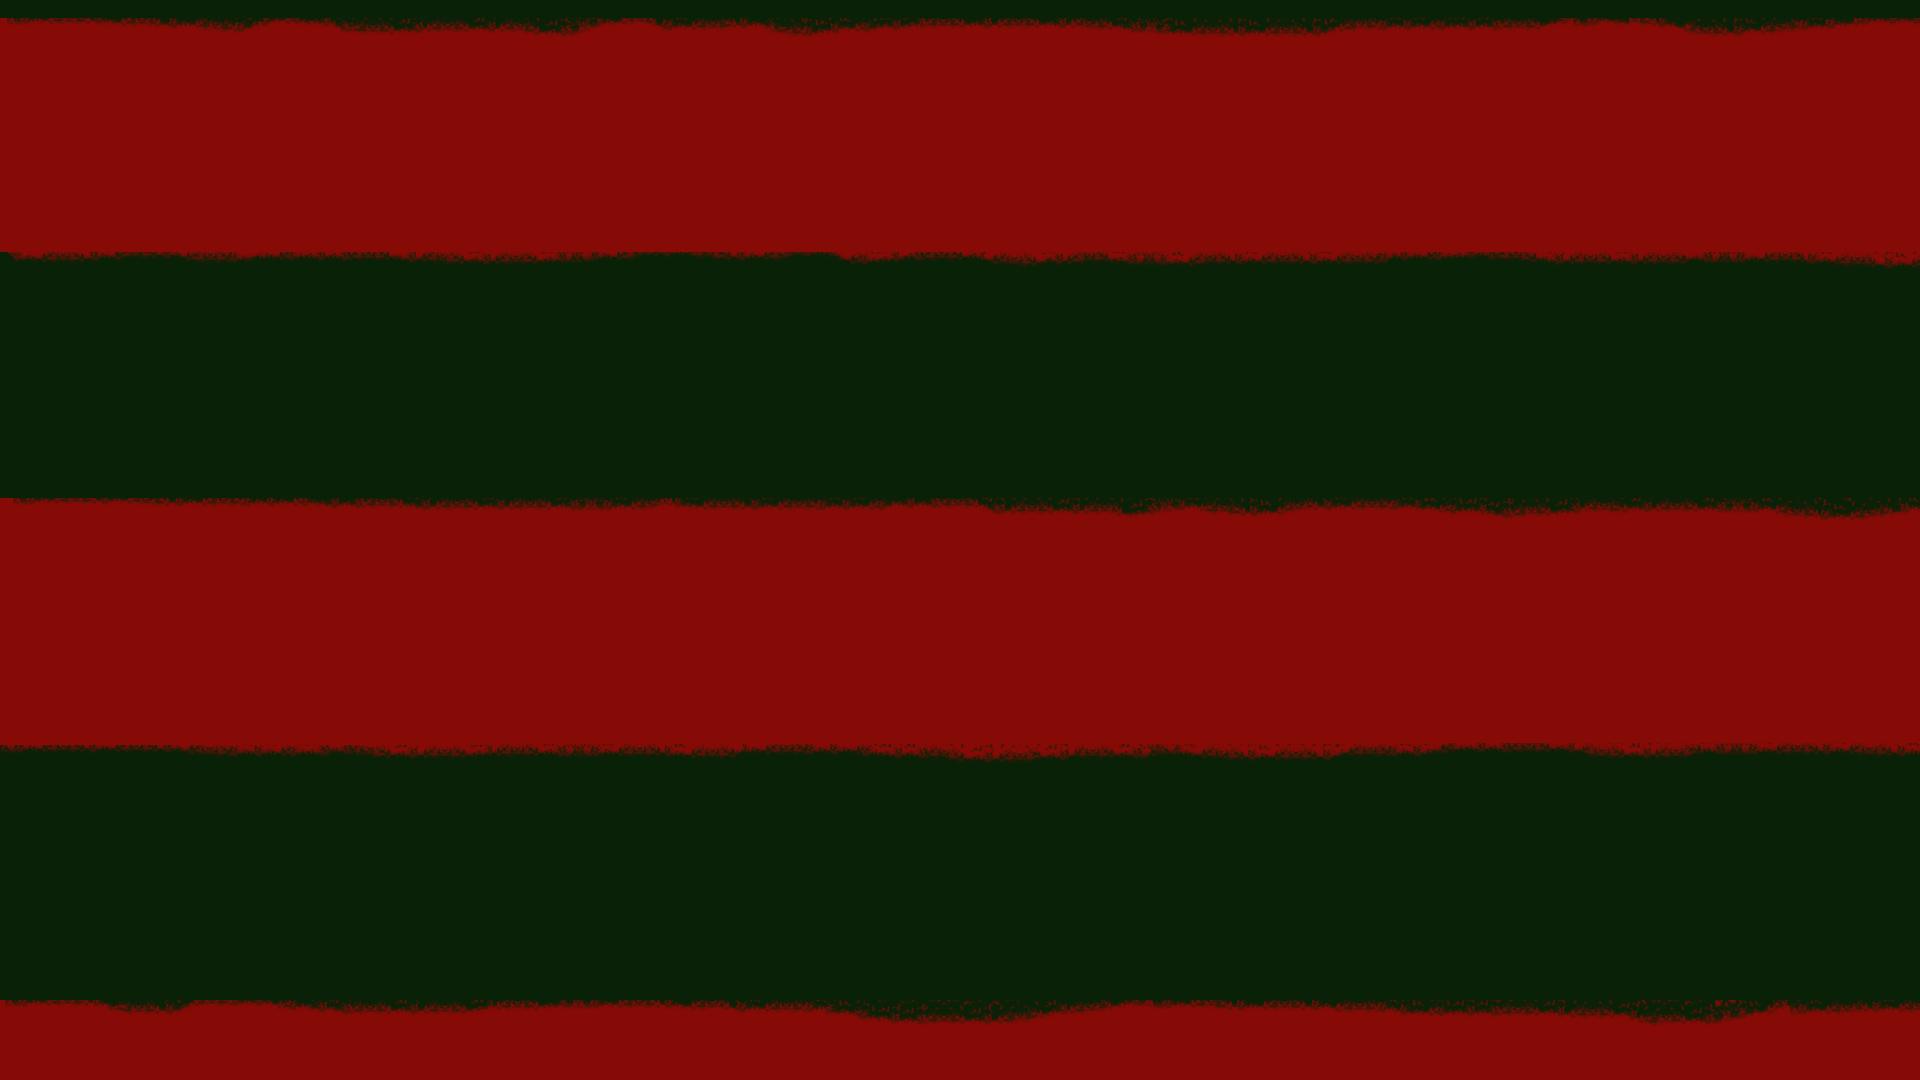 Freddy Krueger Wallpapers 2015 1920x1080